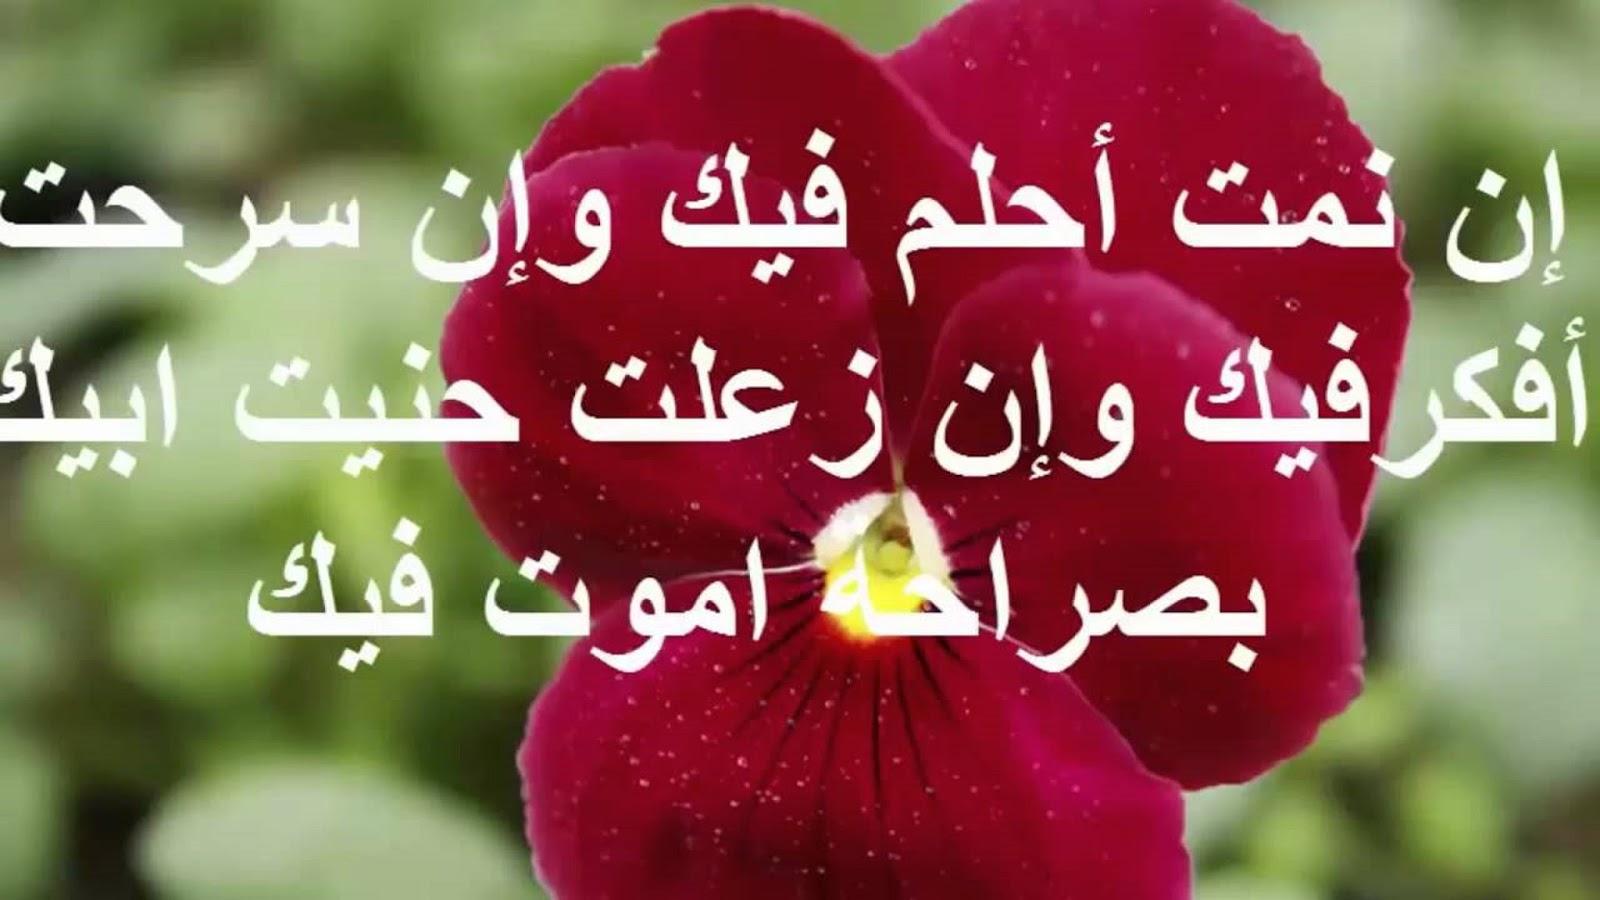 بالصور رسائل حب وغرام , مسجات العشق للاحباب 3857